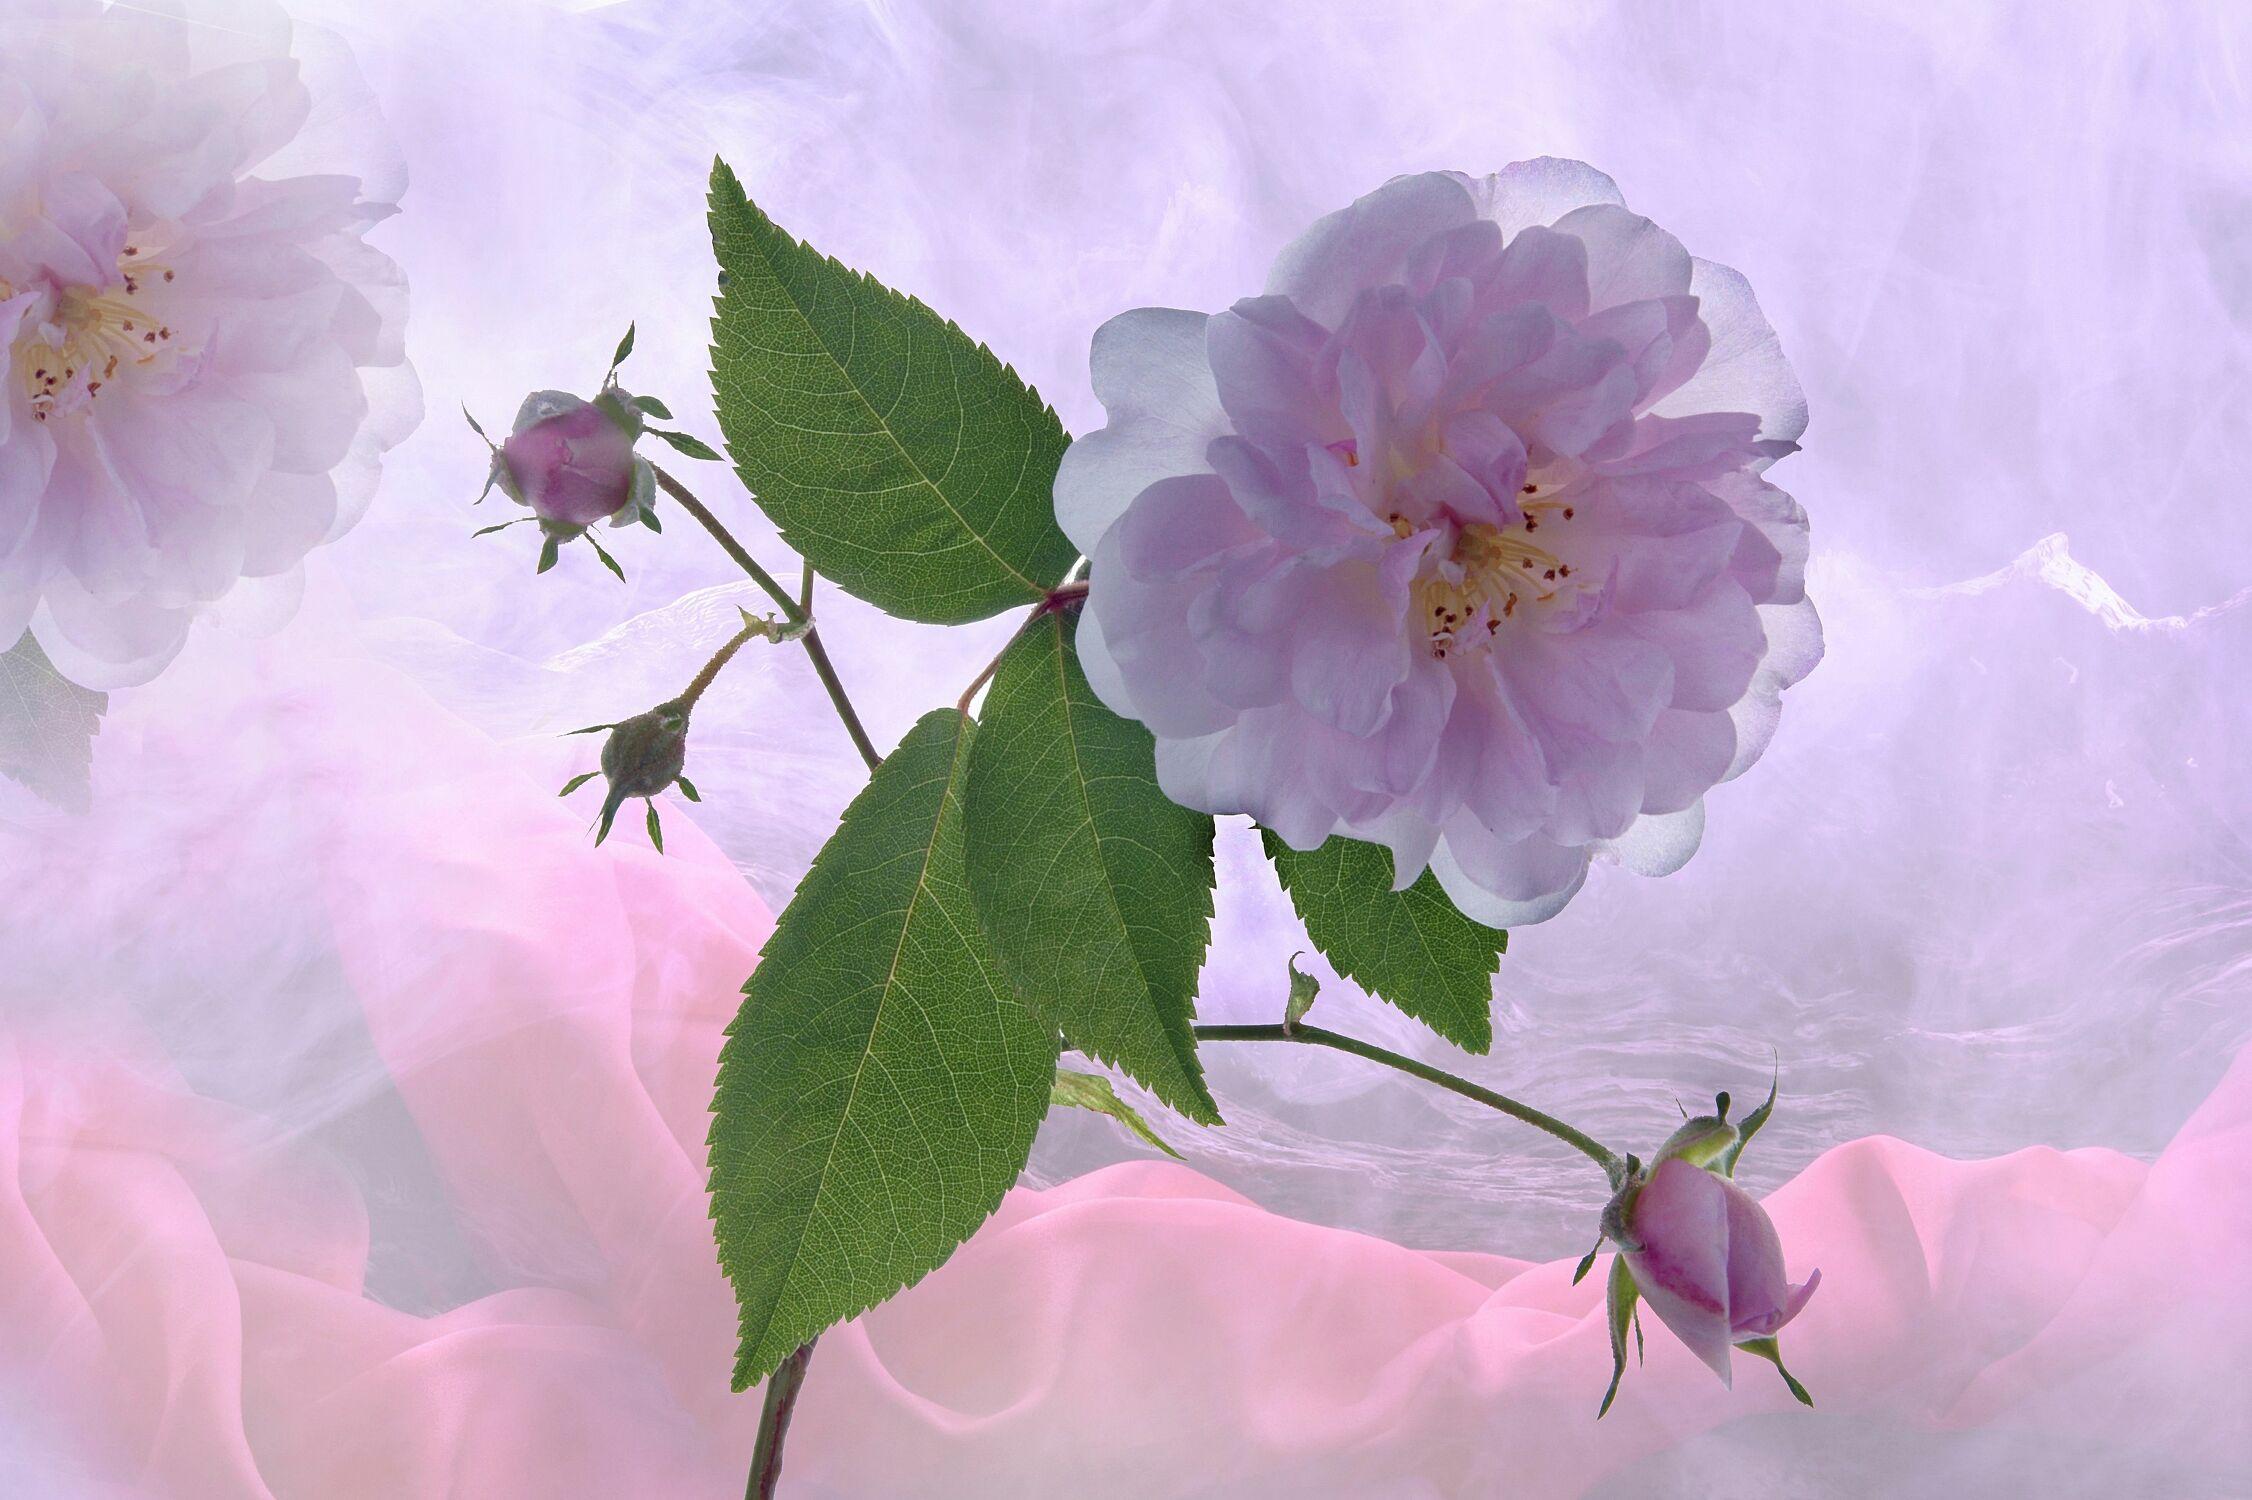 Bild mit Kunst, Pflanzen, Himmel, Wolken, Blumen, Blätter, Blume, Pflanze, Blatt, Floral, Stilleben, Blüten, blüte, weich